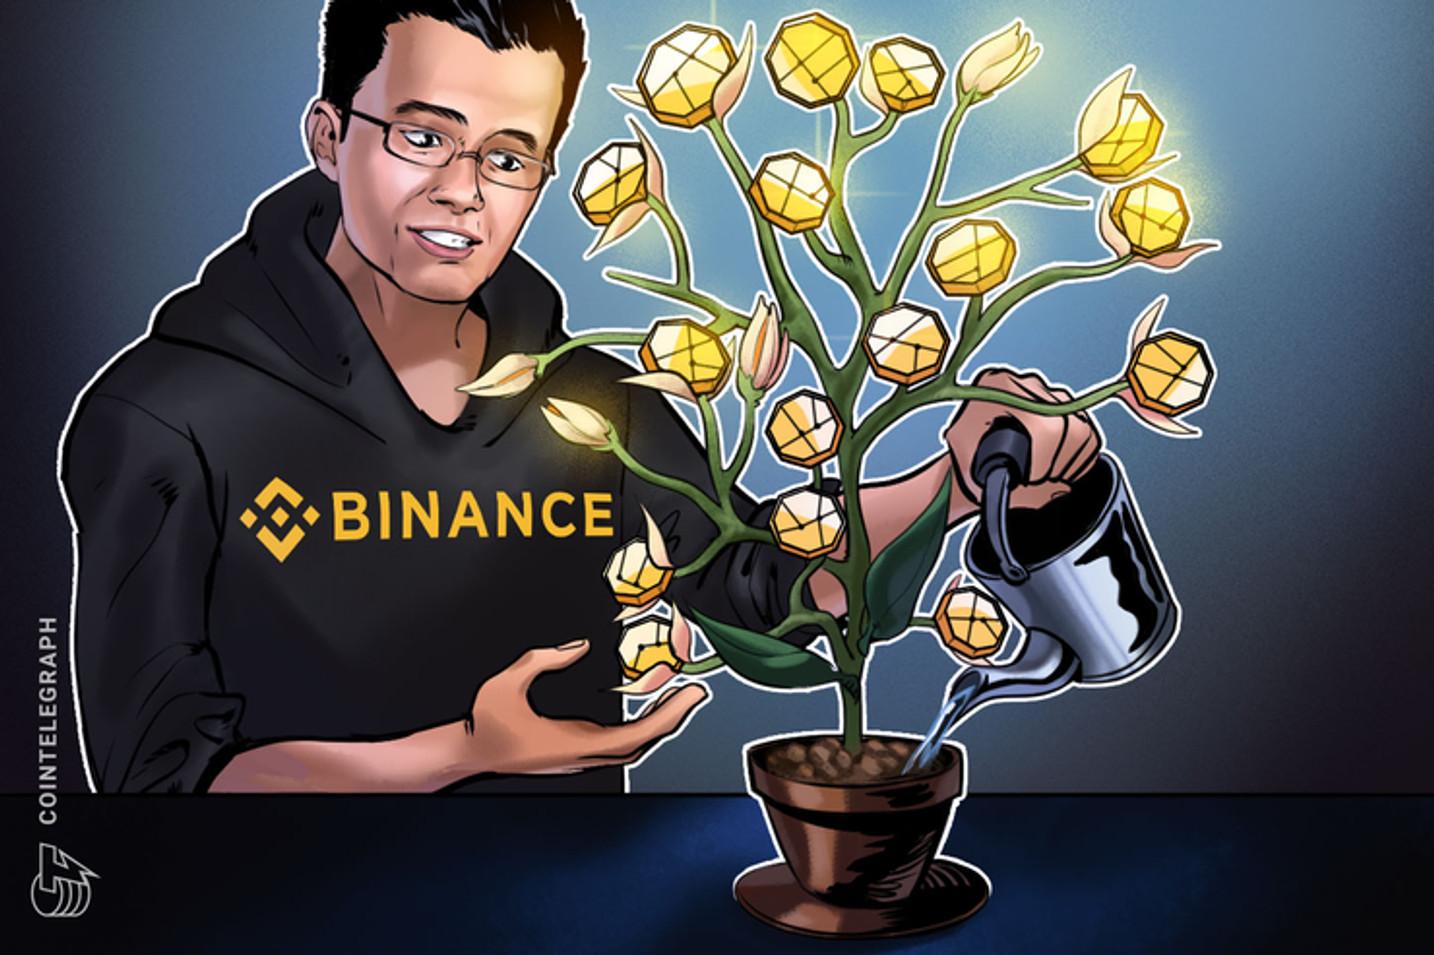 Binance annuncia Binance X, piattaforma per il supporto degli sviluppatori nell'ecosistema blockchain